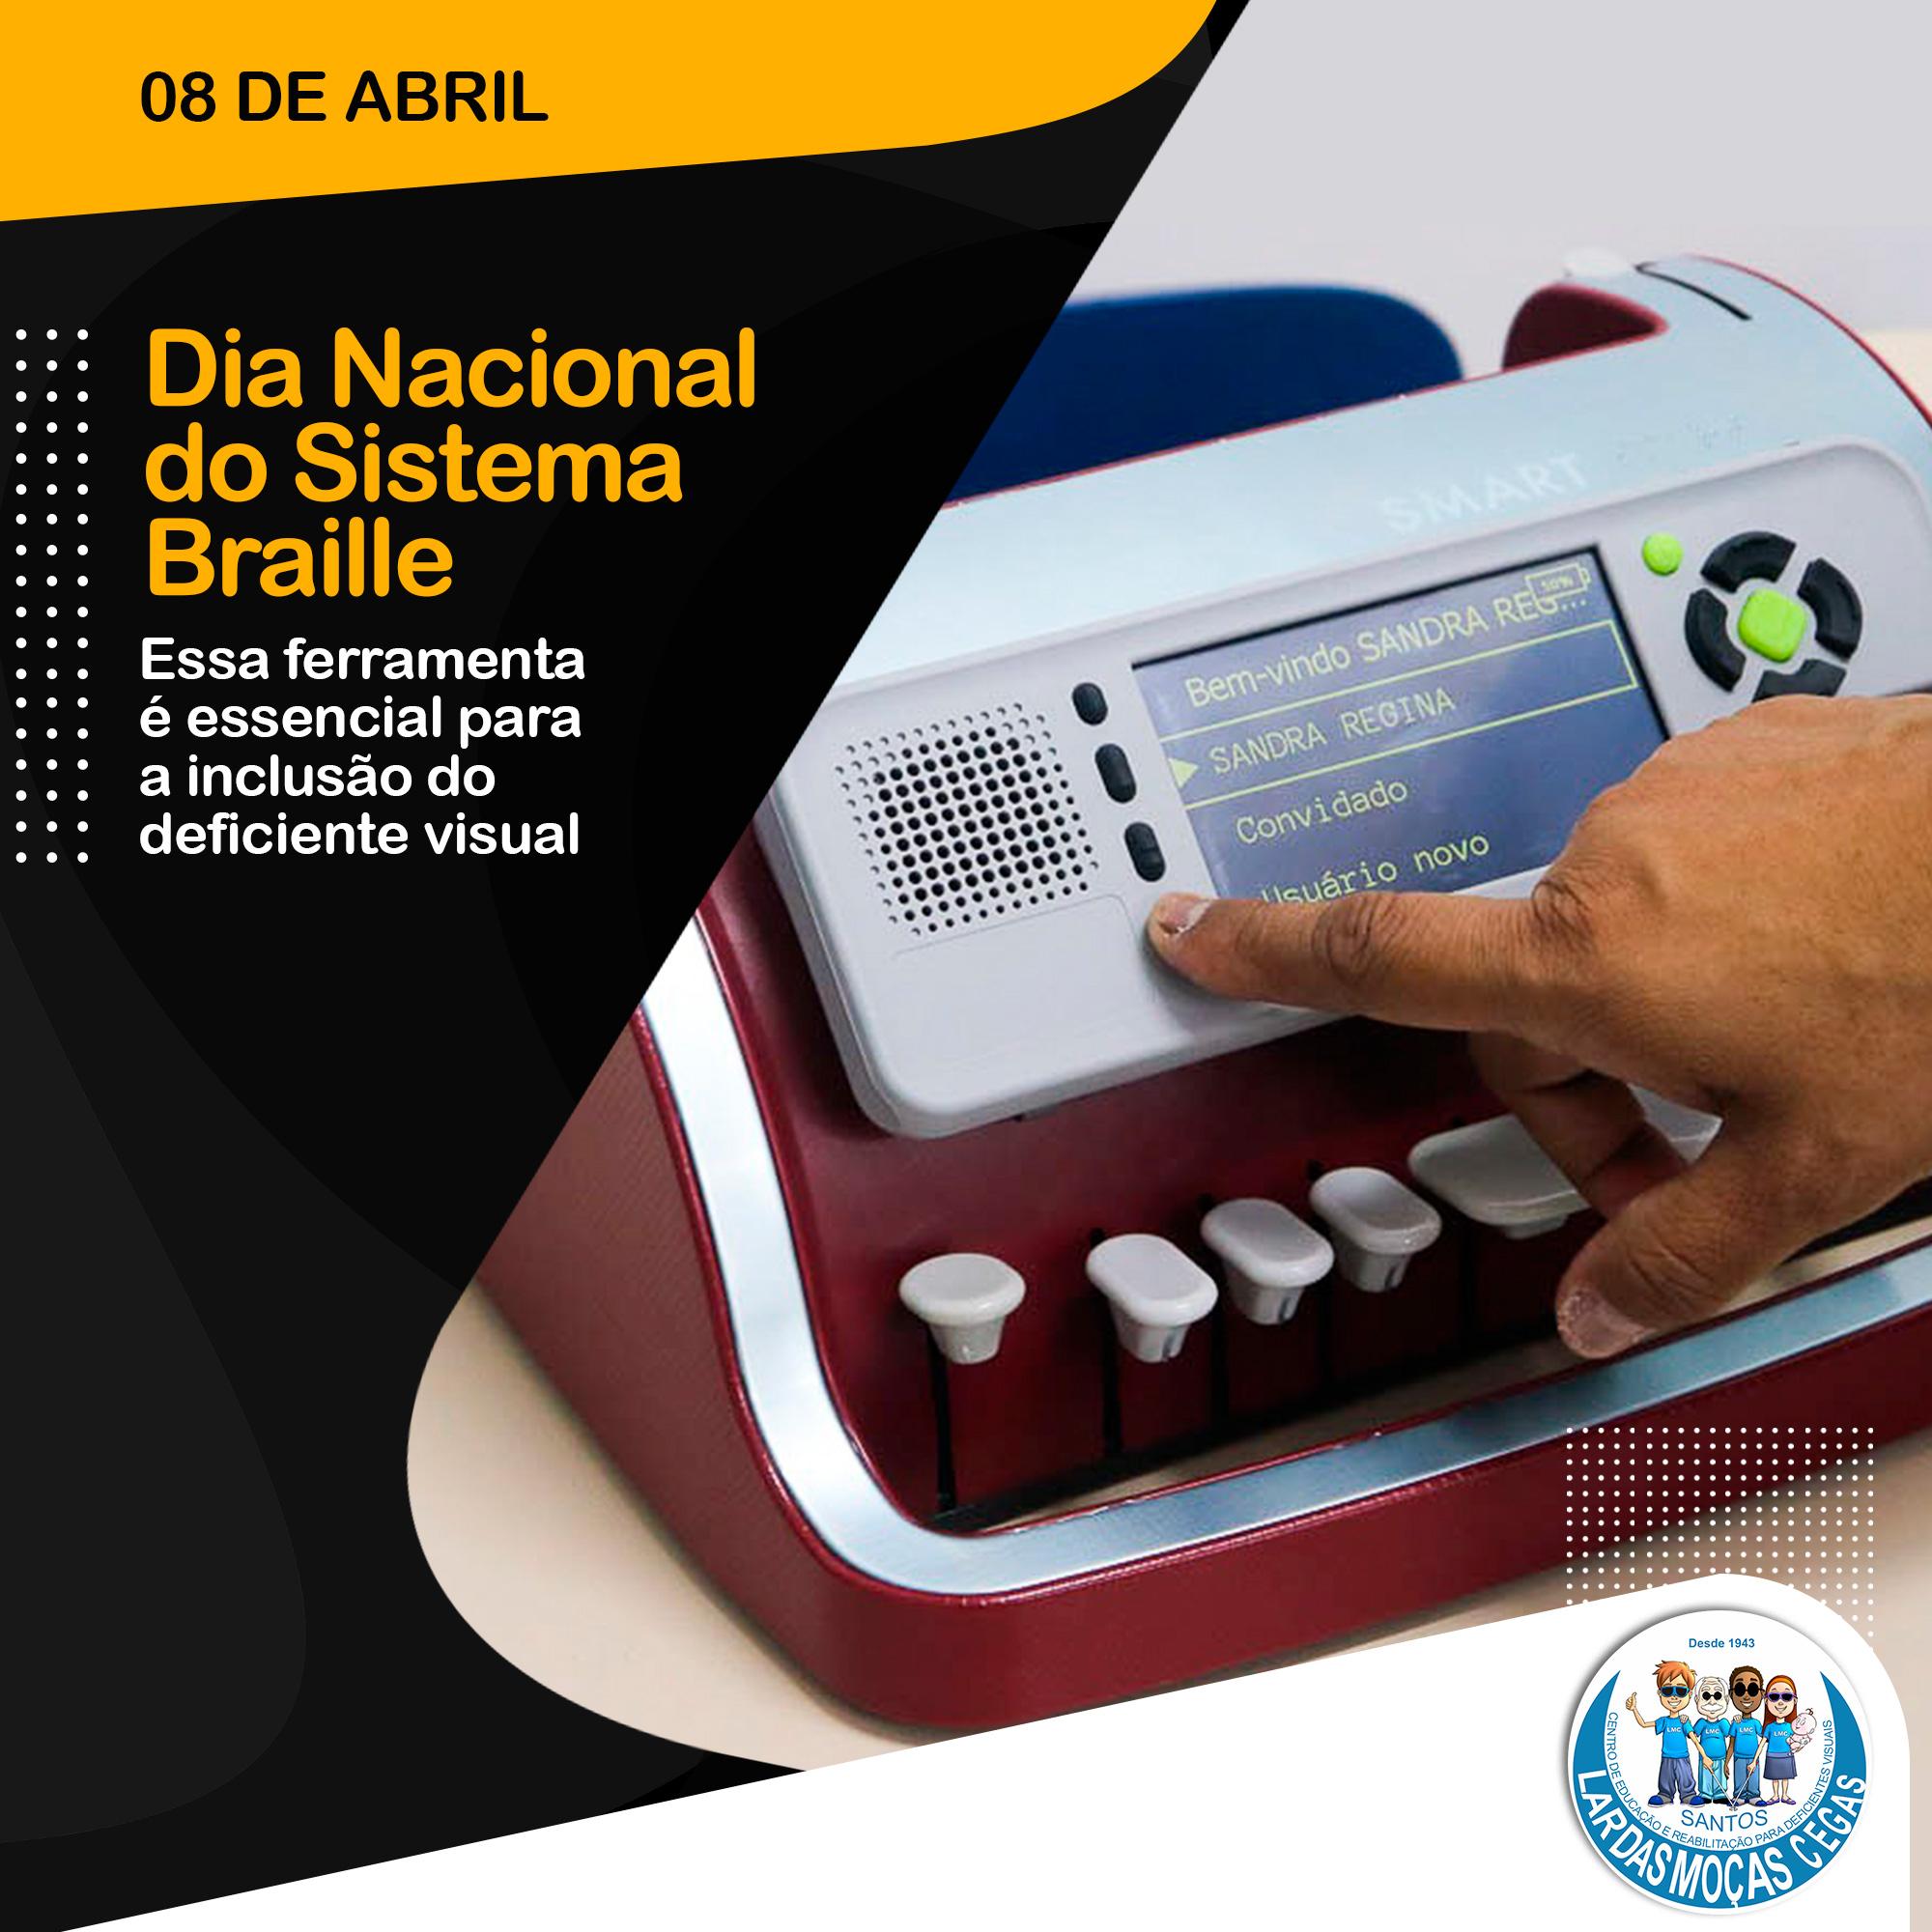 Lar das Moças Cegas celebra o Dia Nacional do Braille com a chegada de duas novas máquinas braille de última geração